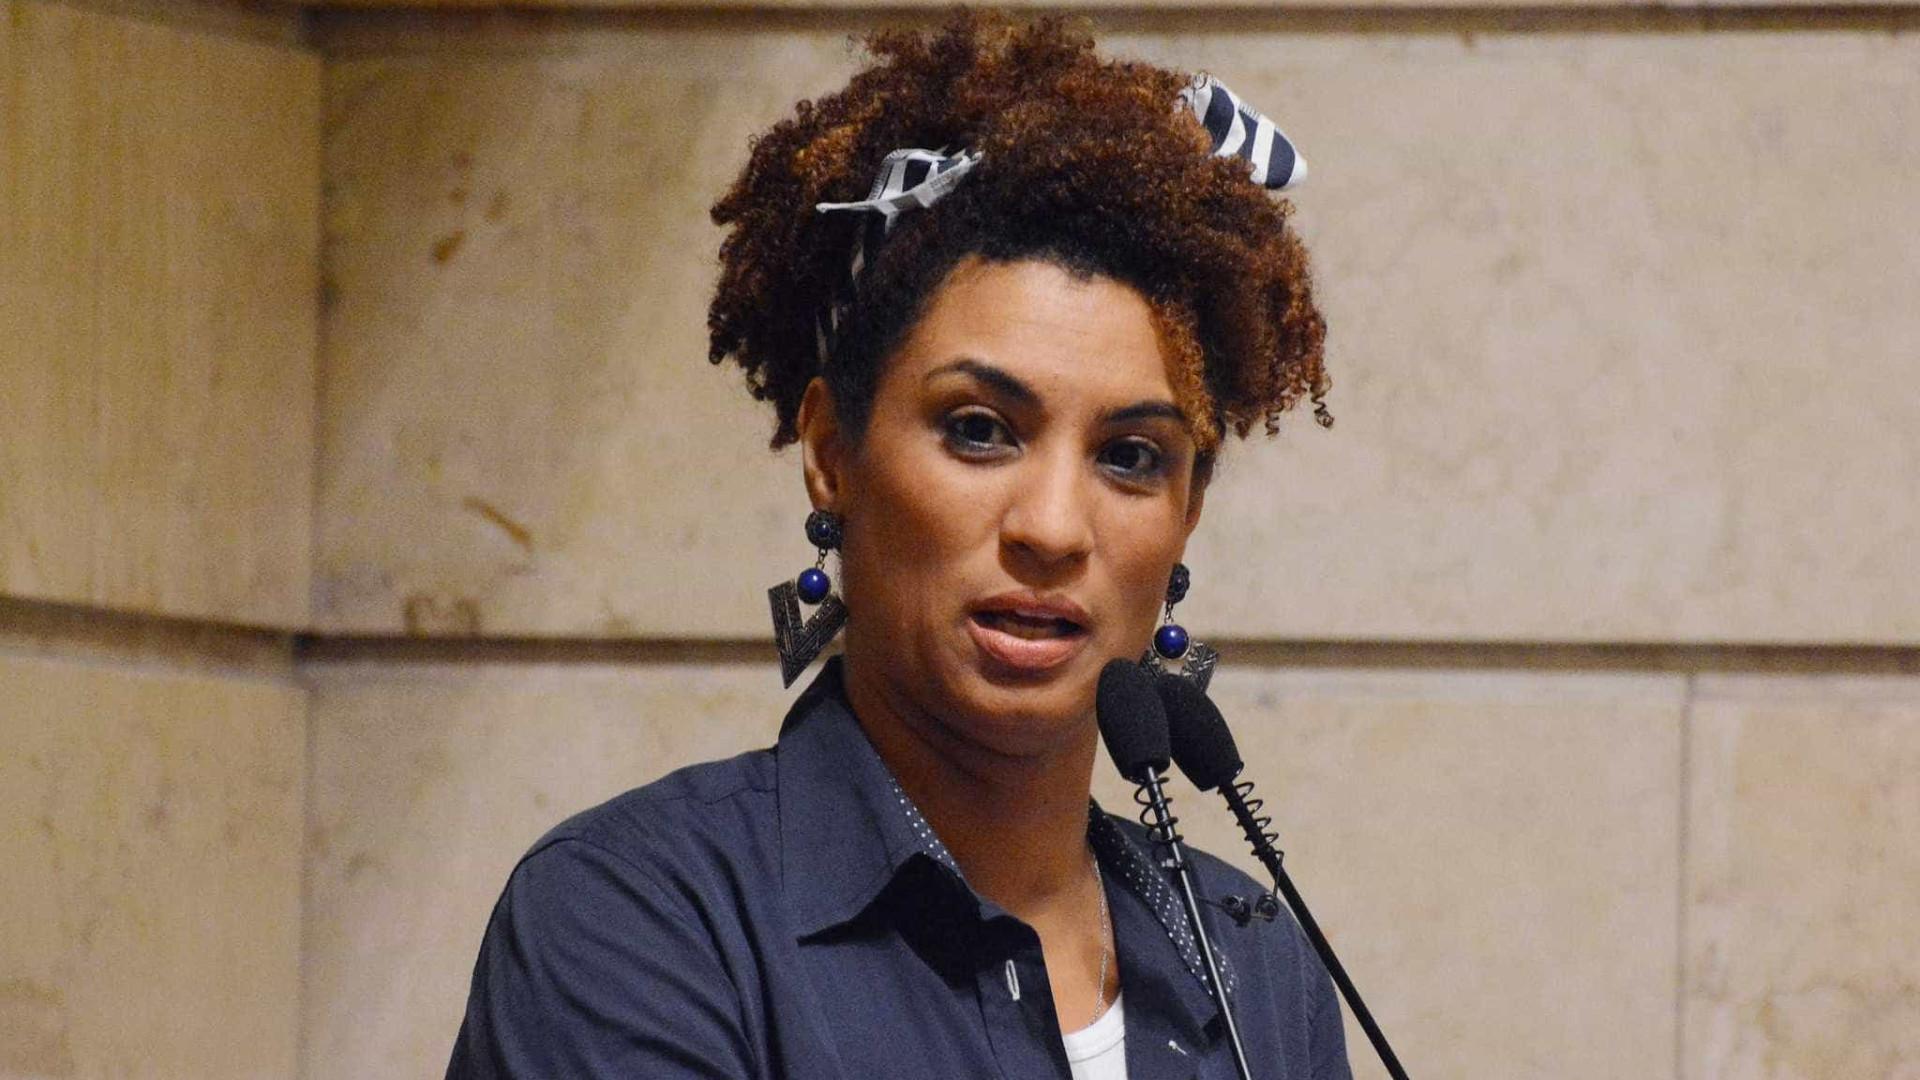 Polícia tem nova pista sobre assassinato de Marielle